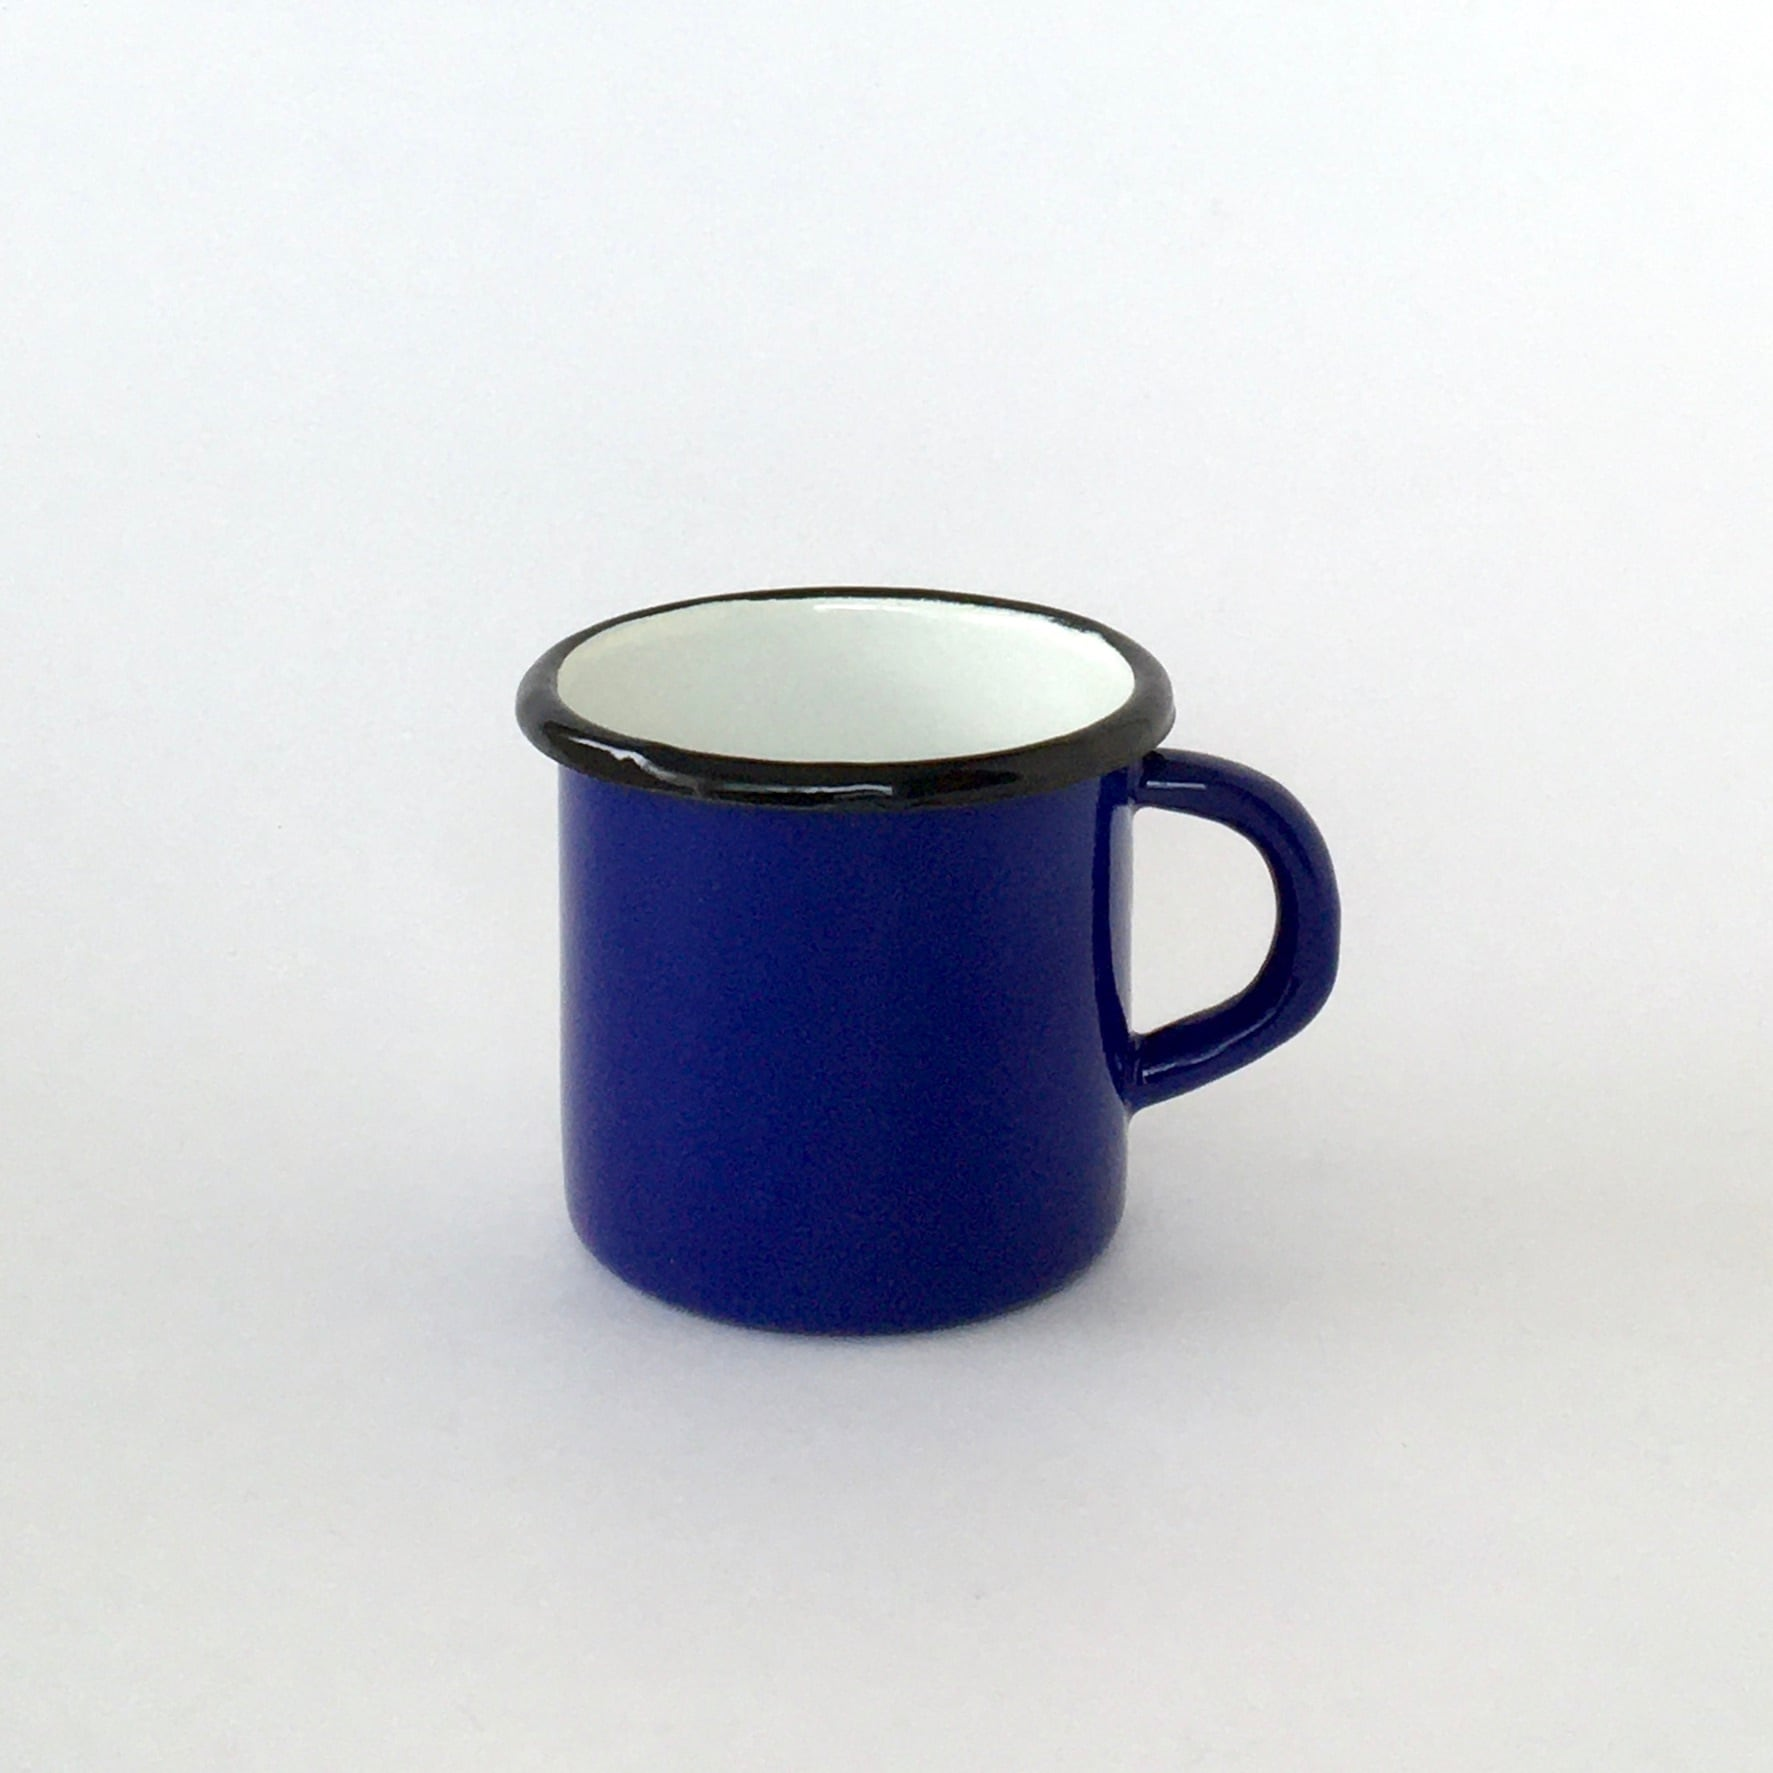 ホーローのマグ ブルー |Mug Blue